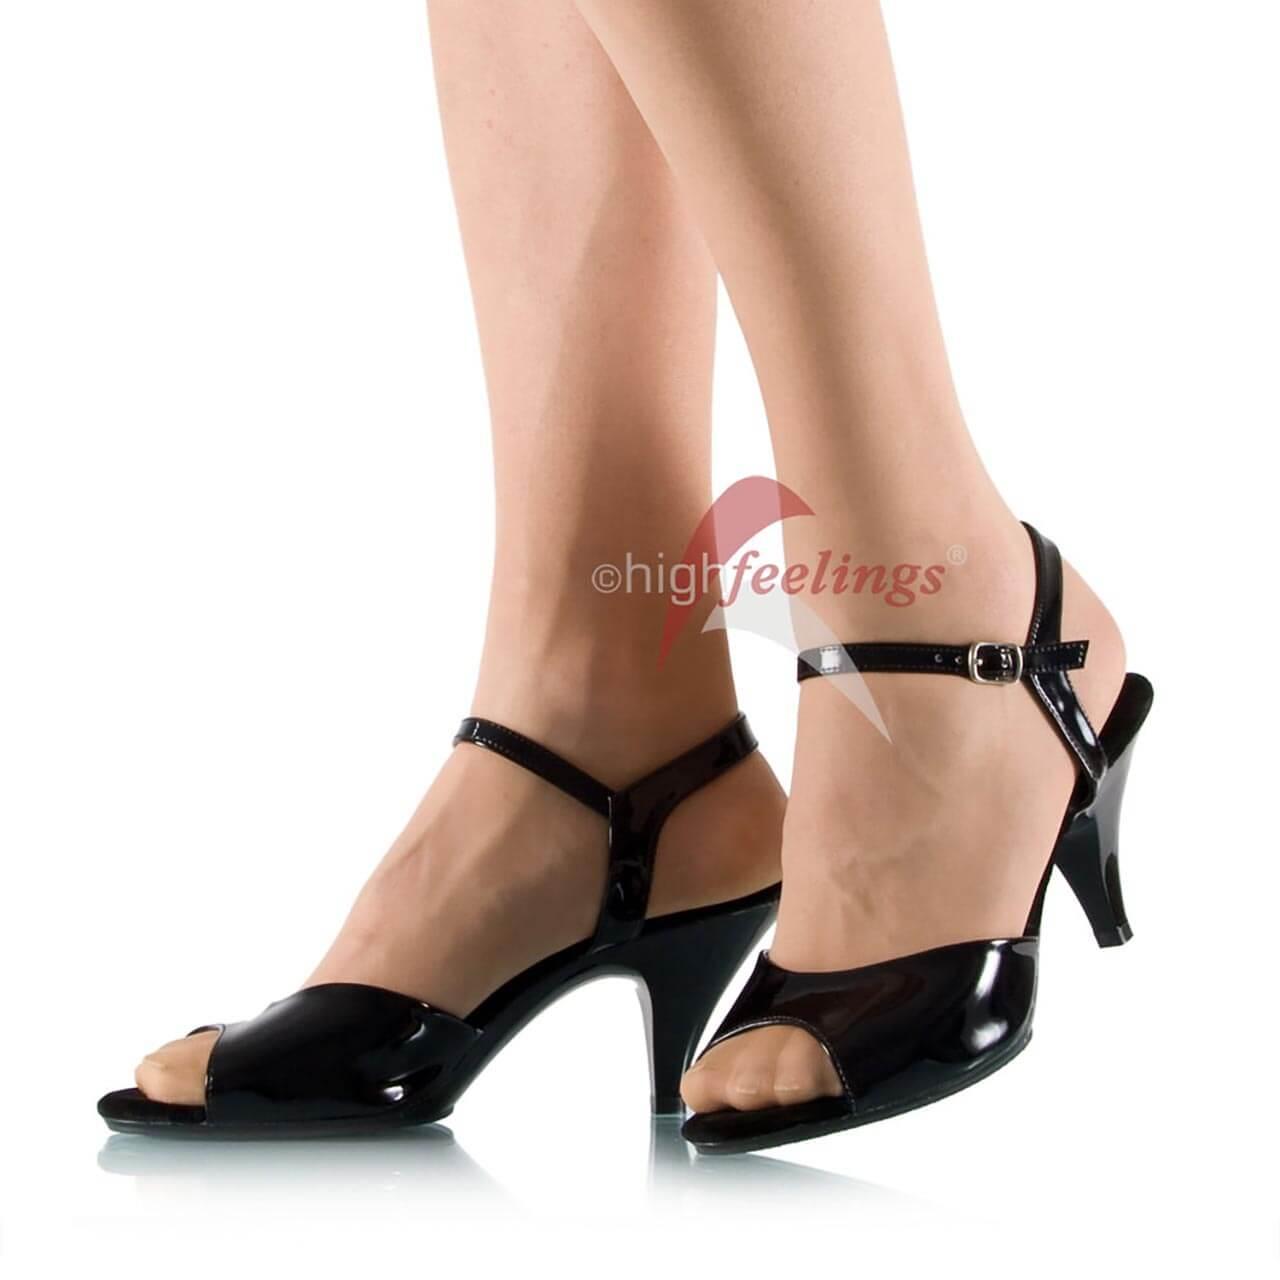 Unterschiedliche Absatzformen bei hohen Schuhen | high feelings